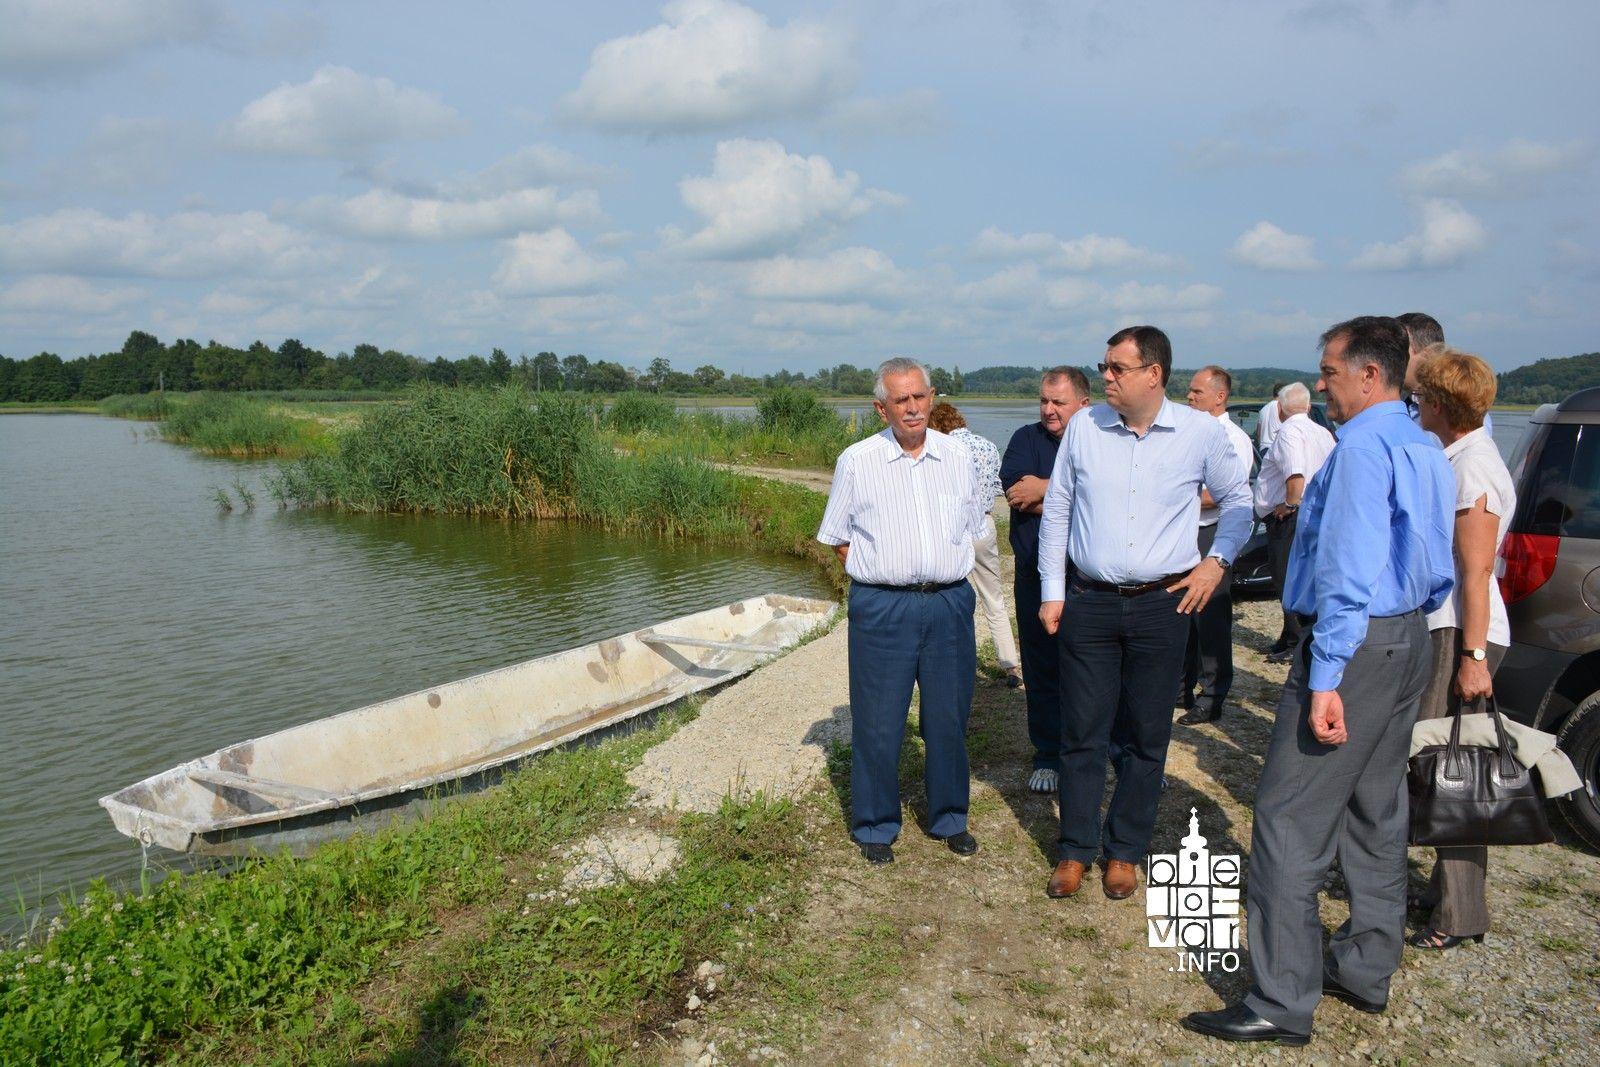 Ministar poljoprivrede Davor Romić ponovo posjetio Bjelovarsko-bilogorsku županiju